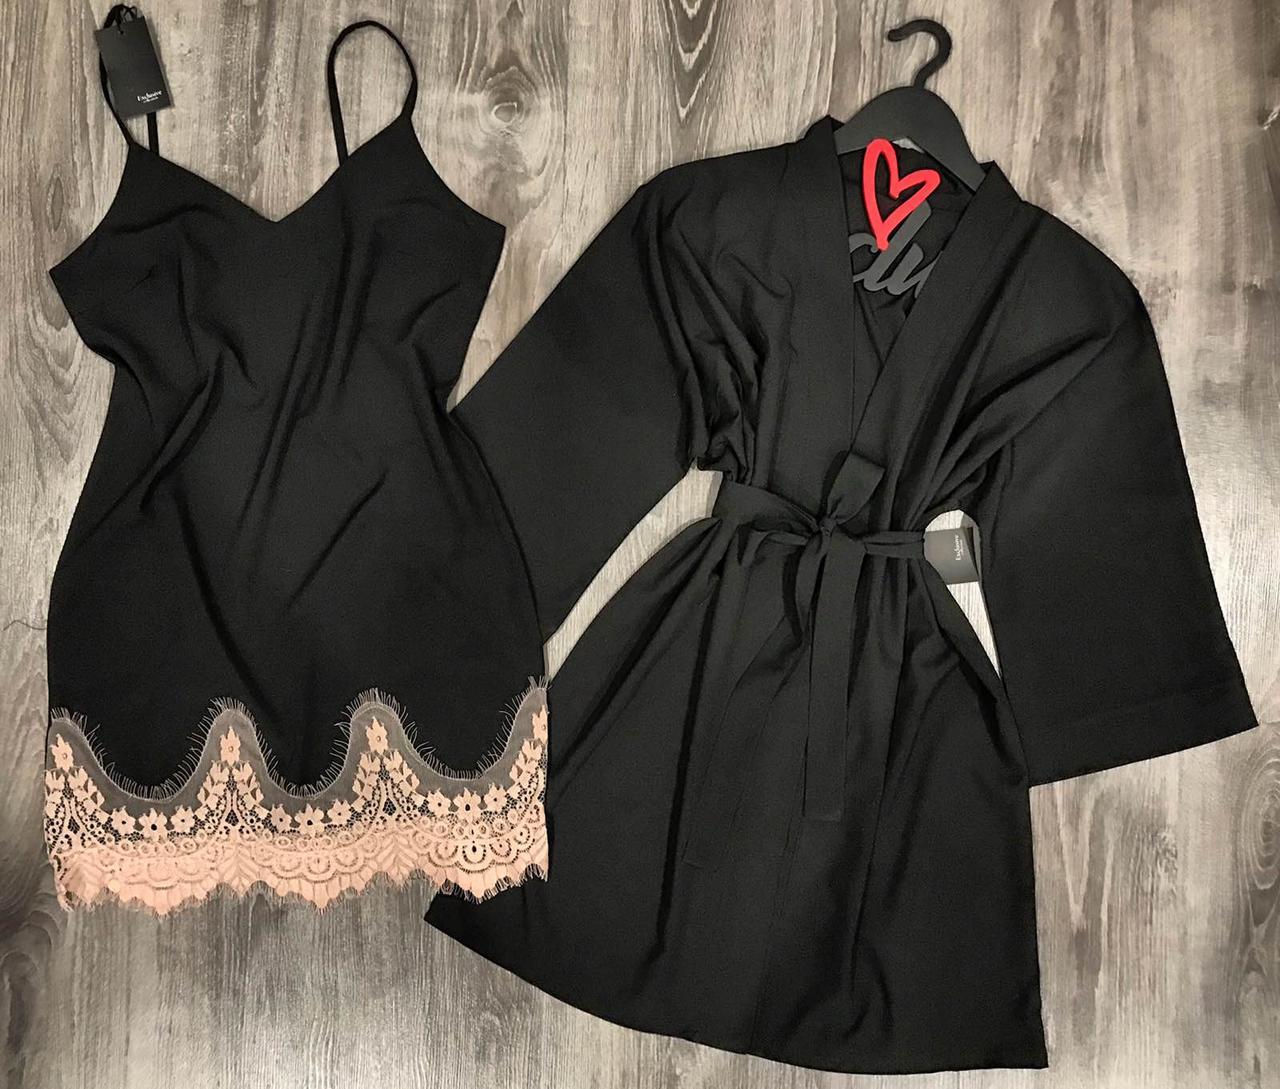 Черный халат и сорочка с бежевым кружевом, женская домашняя одежда.